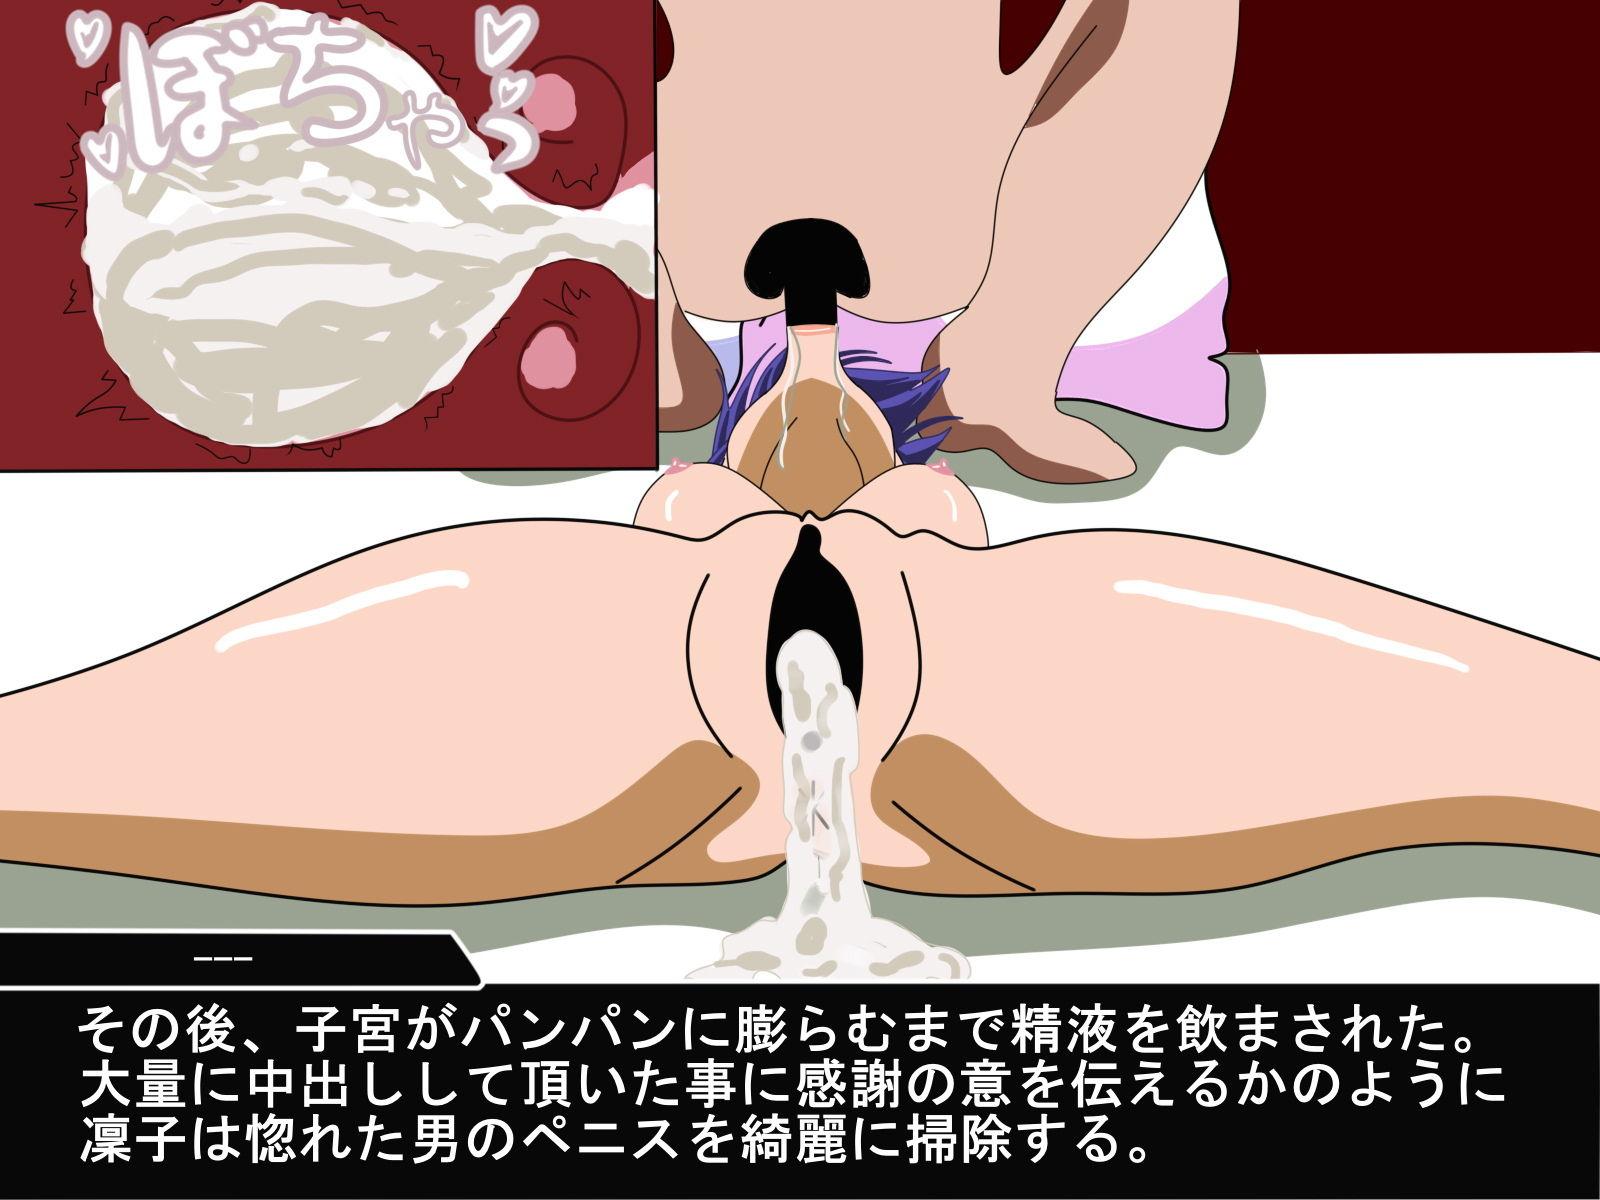 対魔忍オークション 斬鬼の対魔忍(seekmaker store) [d_178468] 4